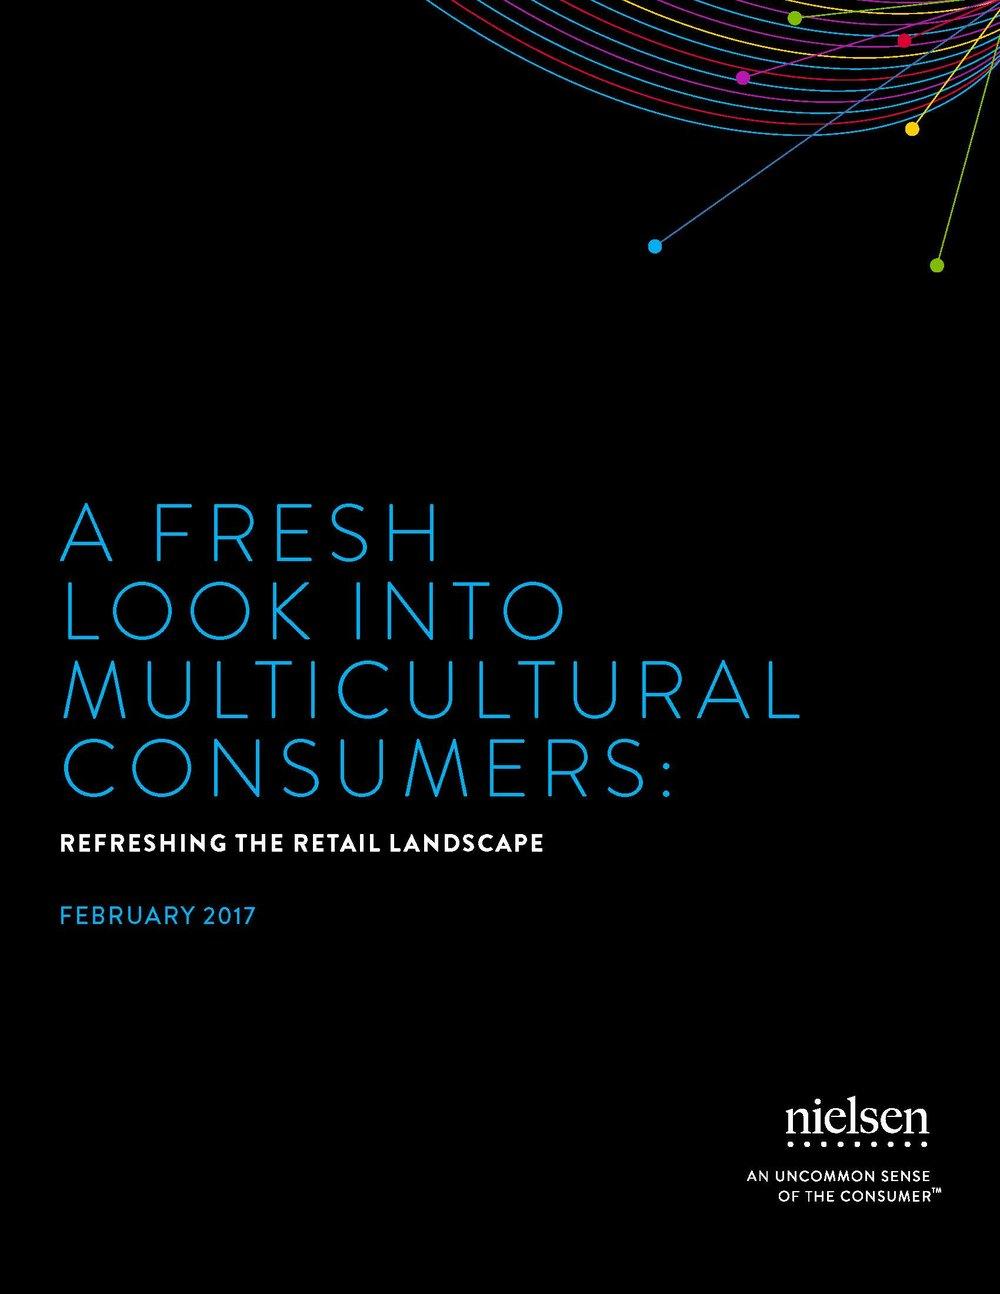 Nielsen Report February 2017